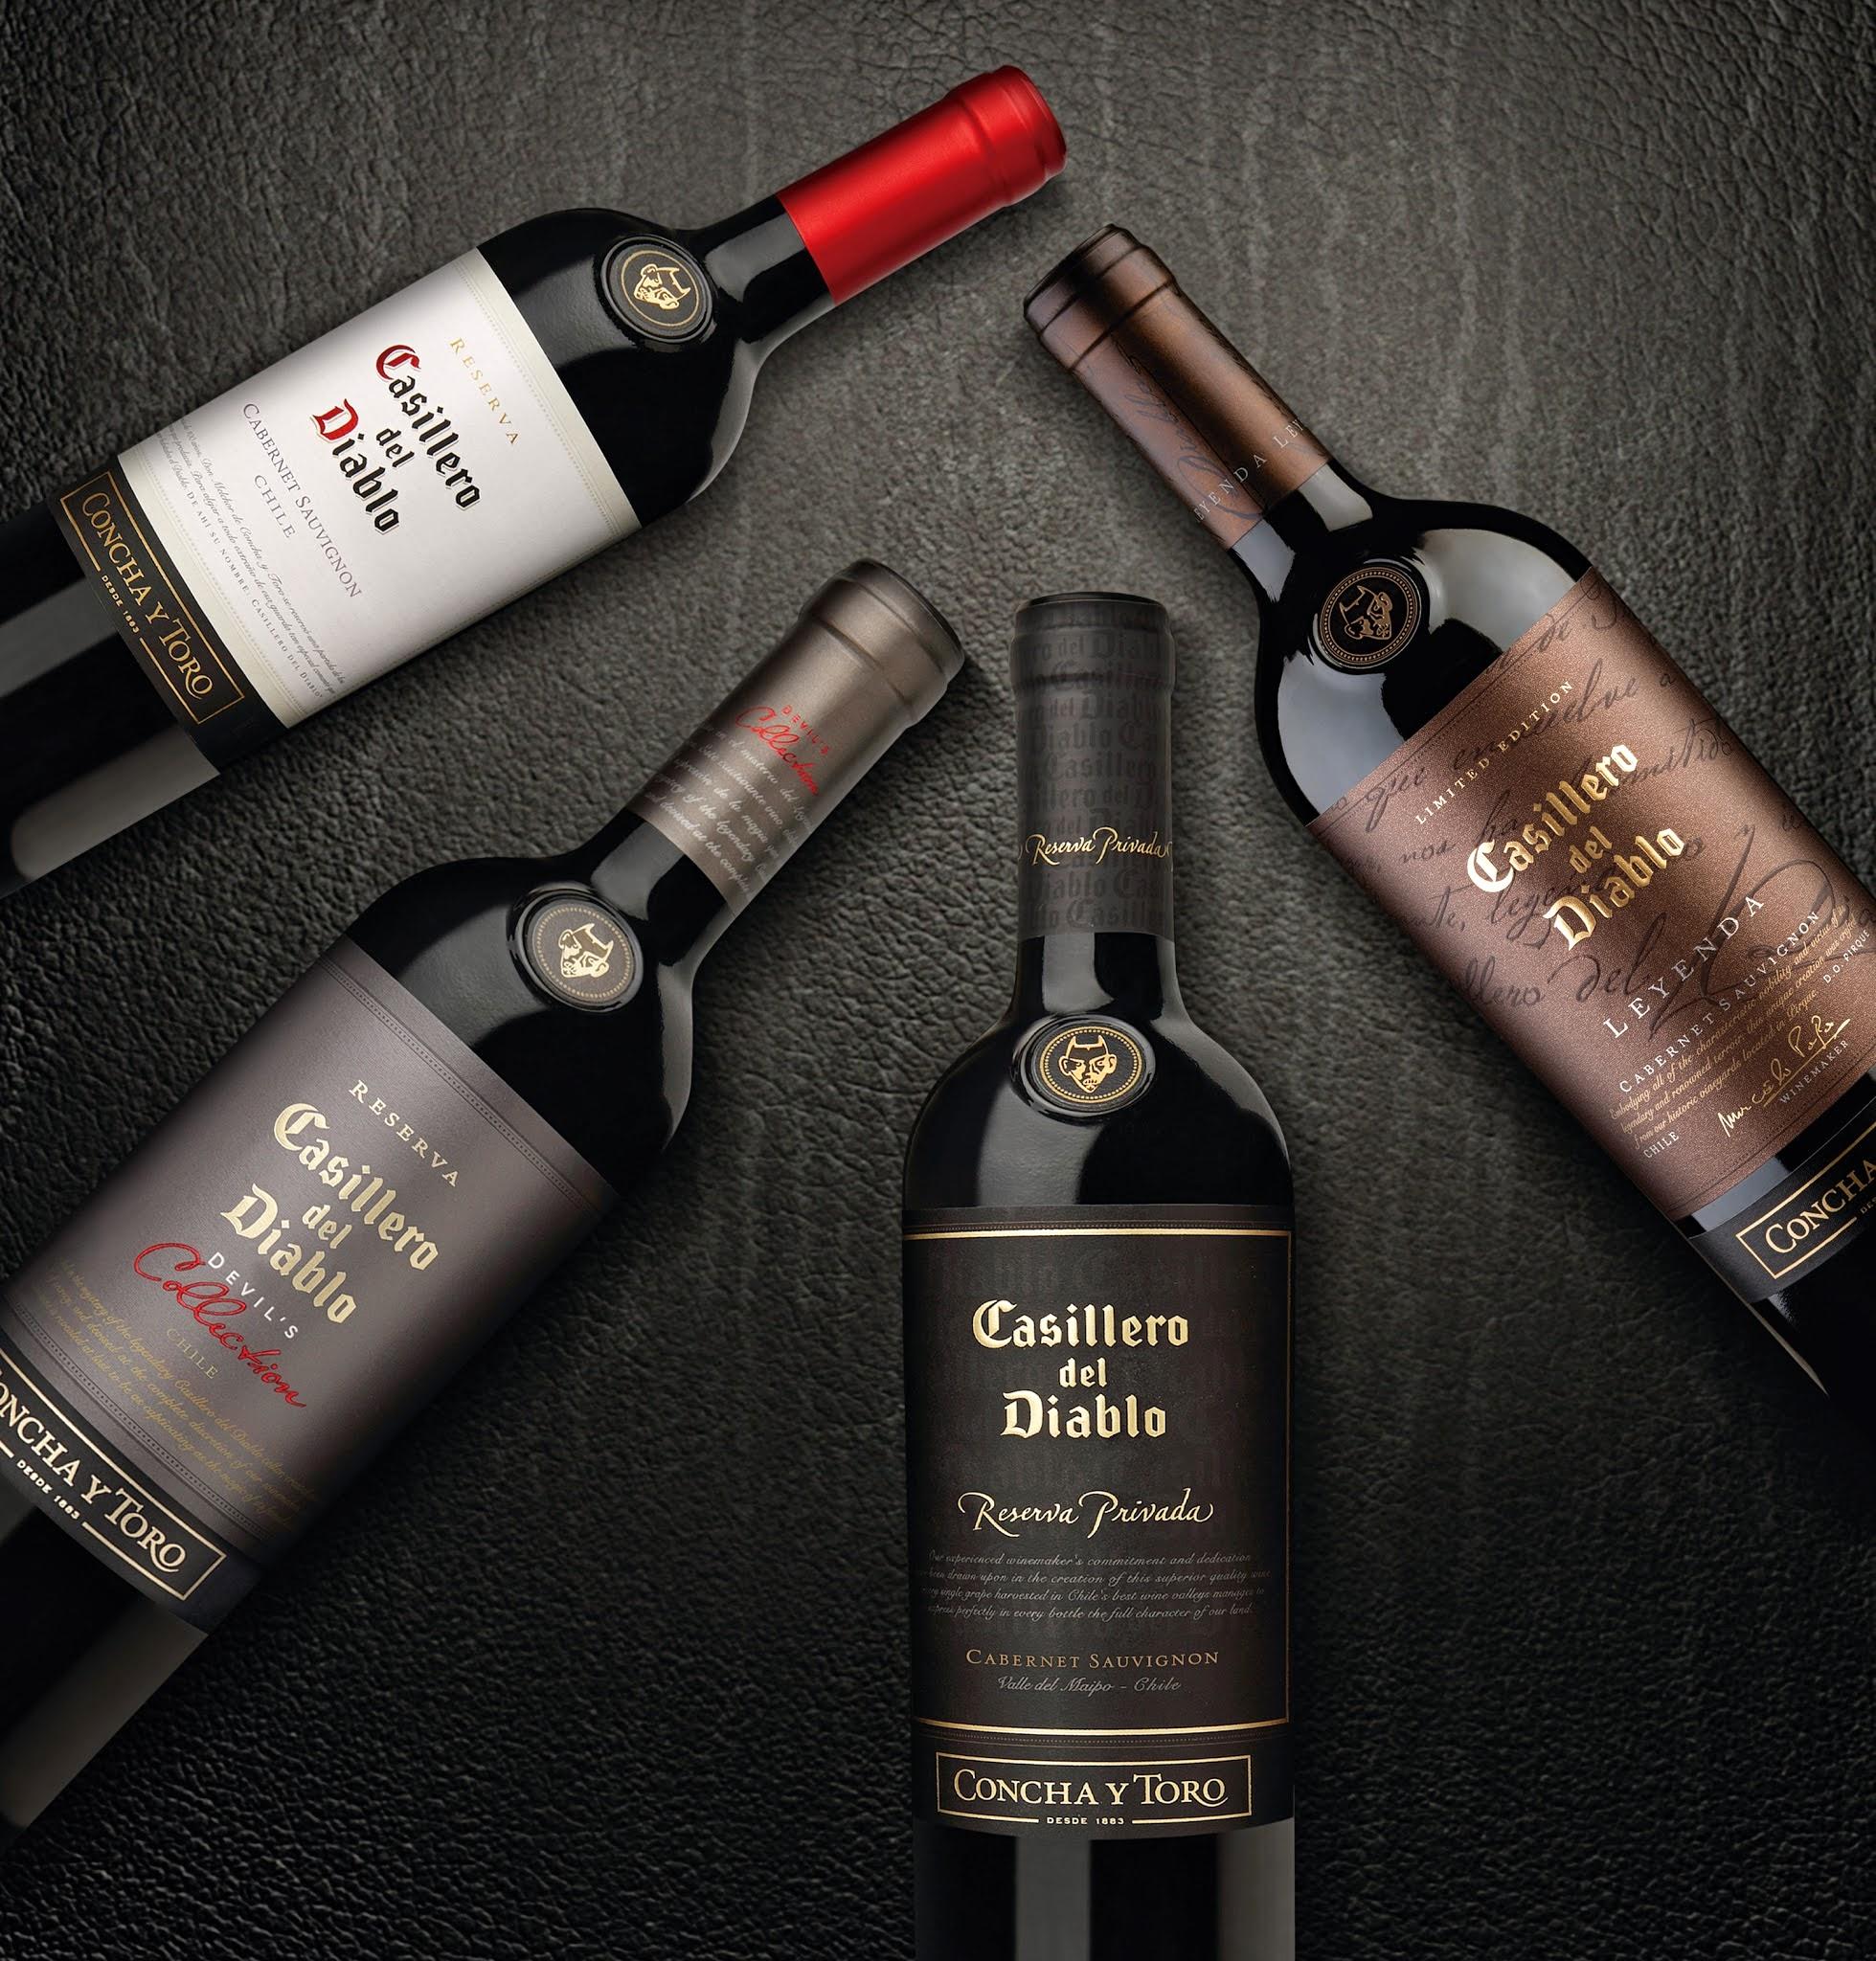 Kết quả hình ảnh cho casillero del diablo reserva privada cabernet sauvignon